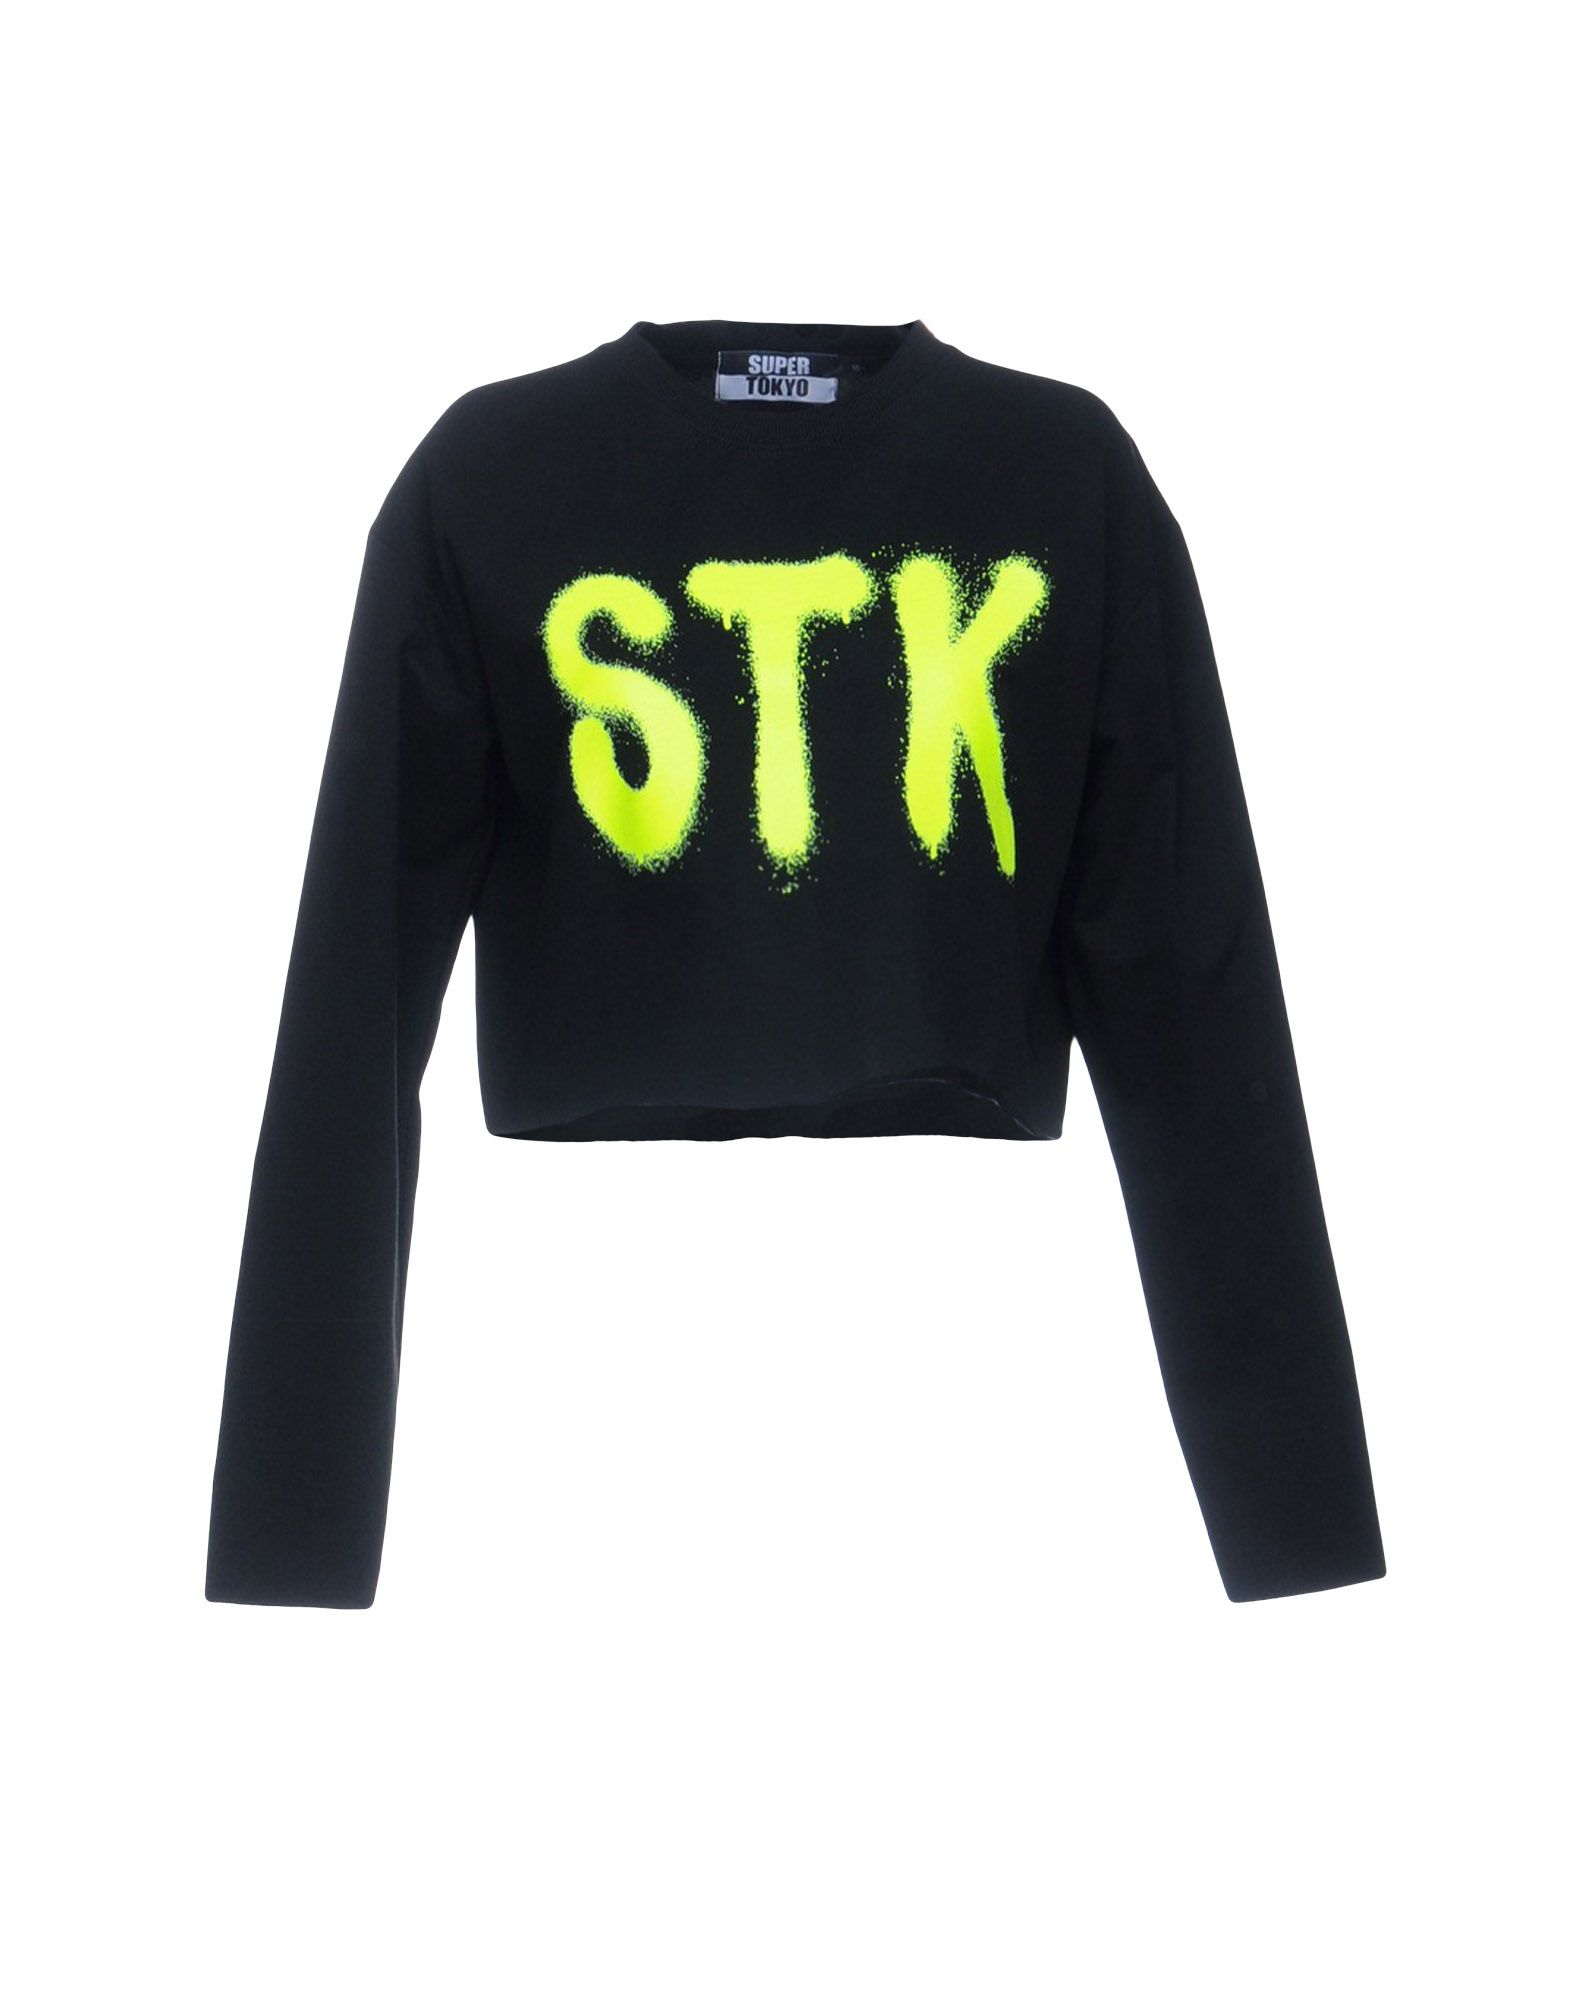 《送料無料》STK SUPERTOKYO レディース スウェットシャツ ブラック M コットン 100%